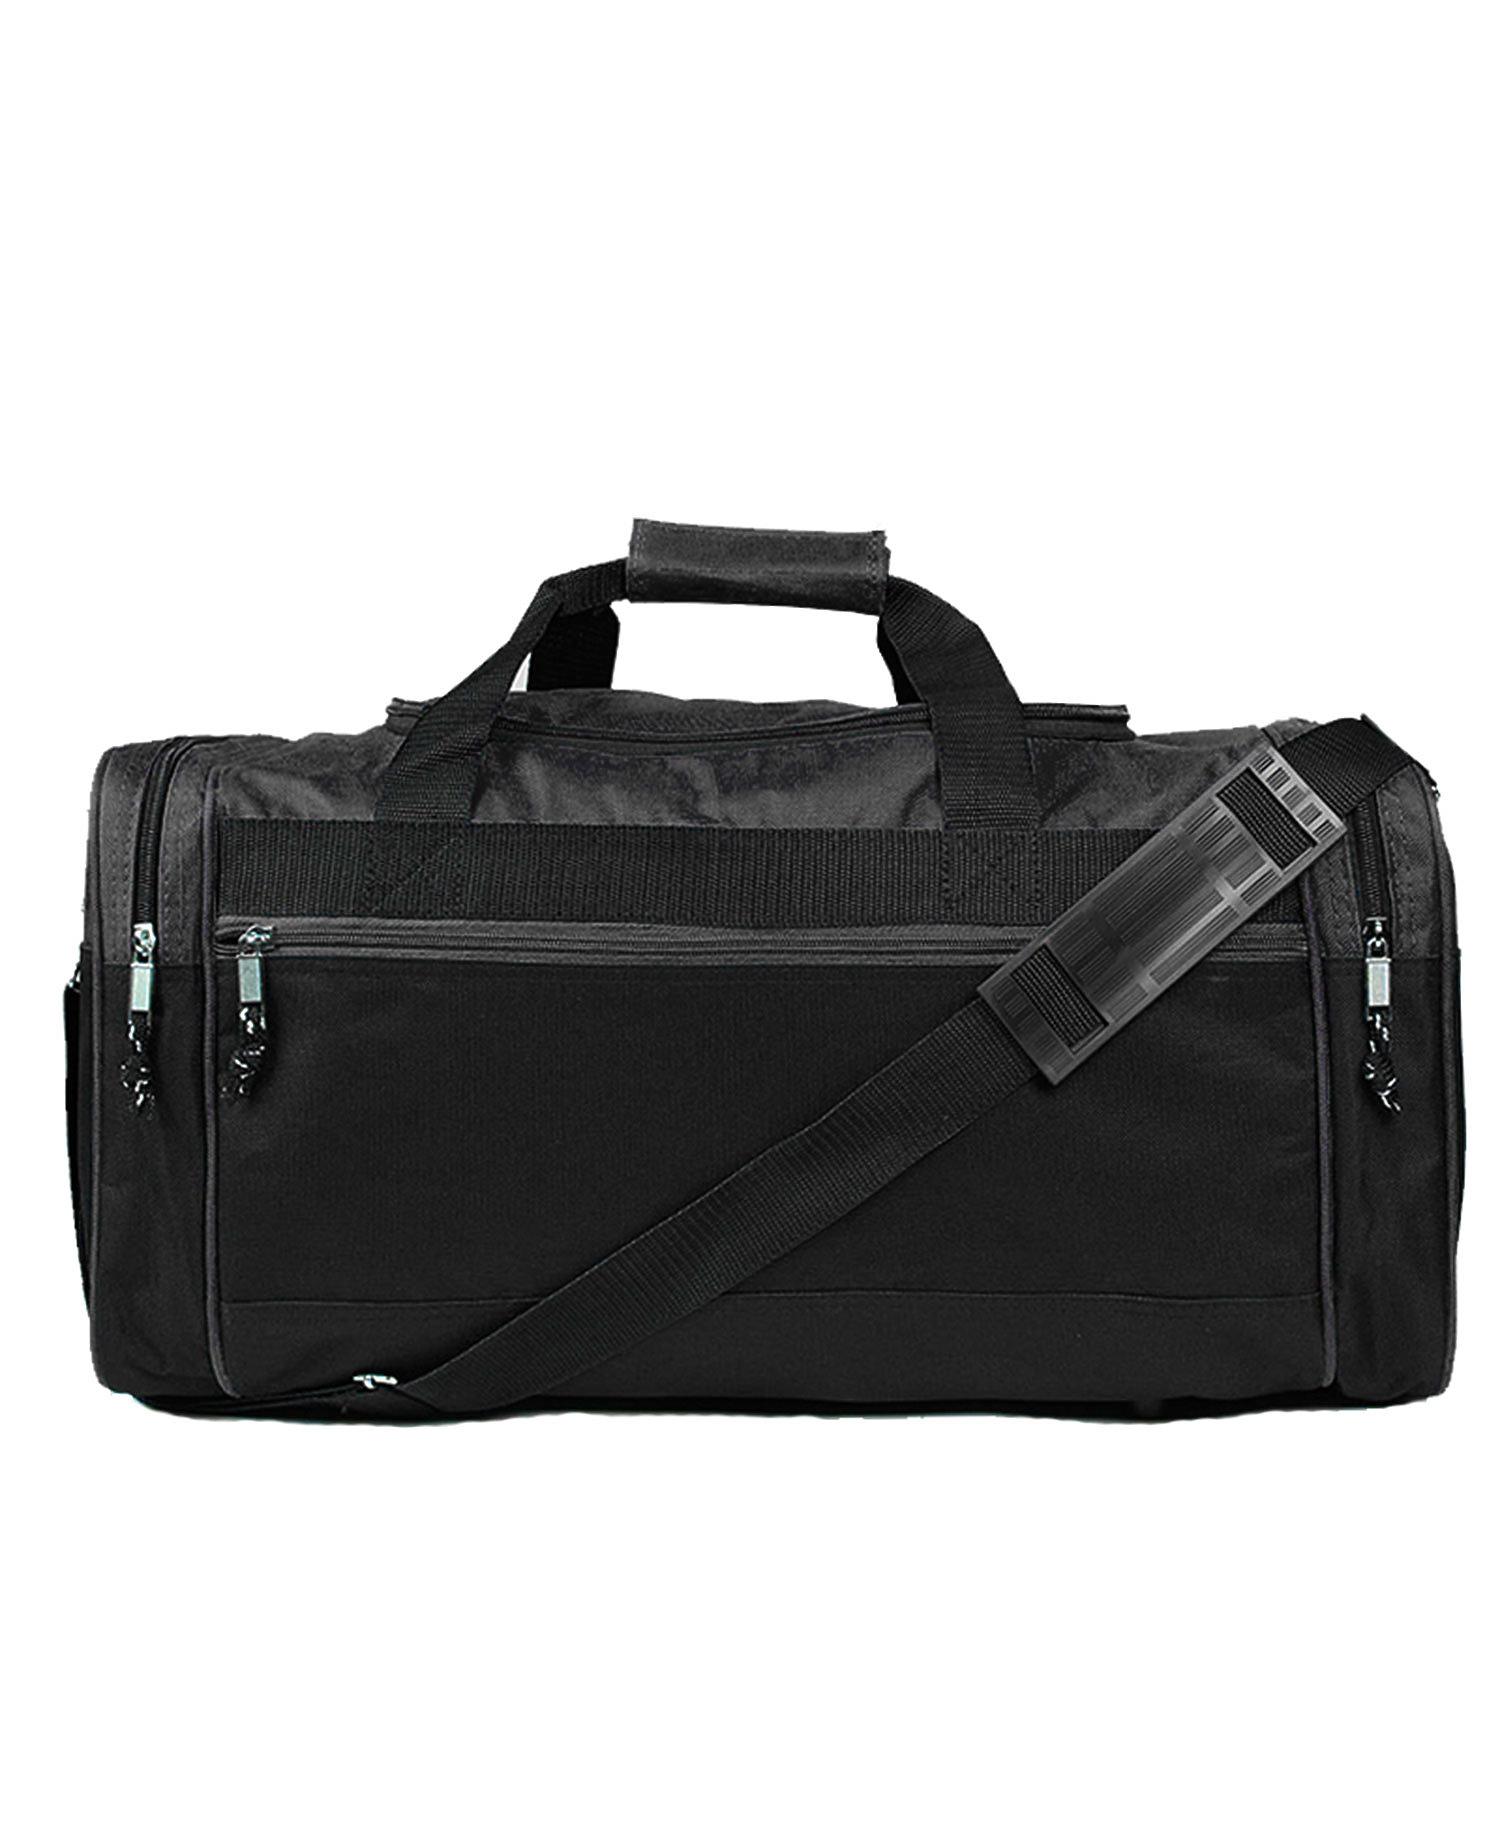 Q-Tees Q94200 - Large Duffle Bag